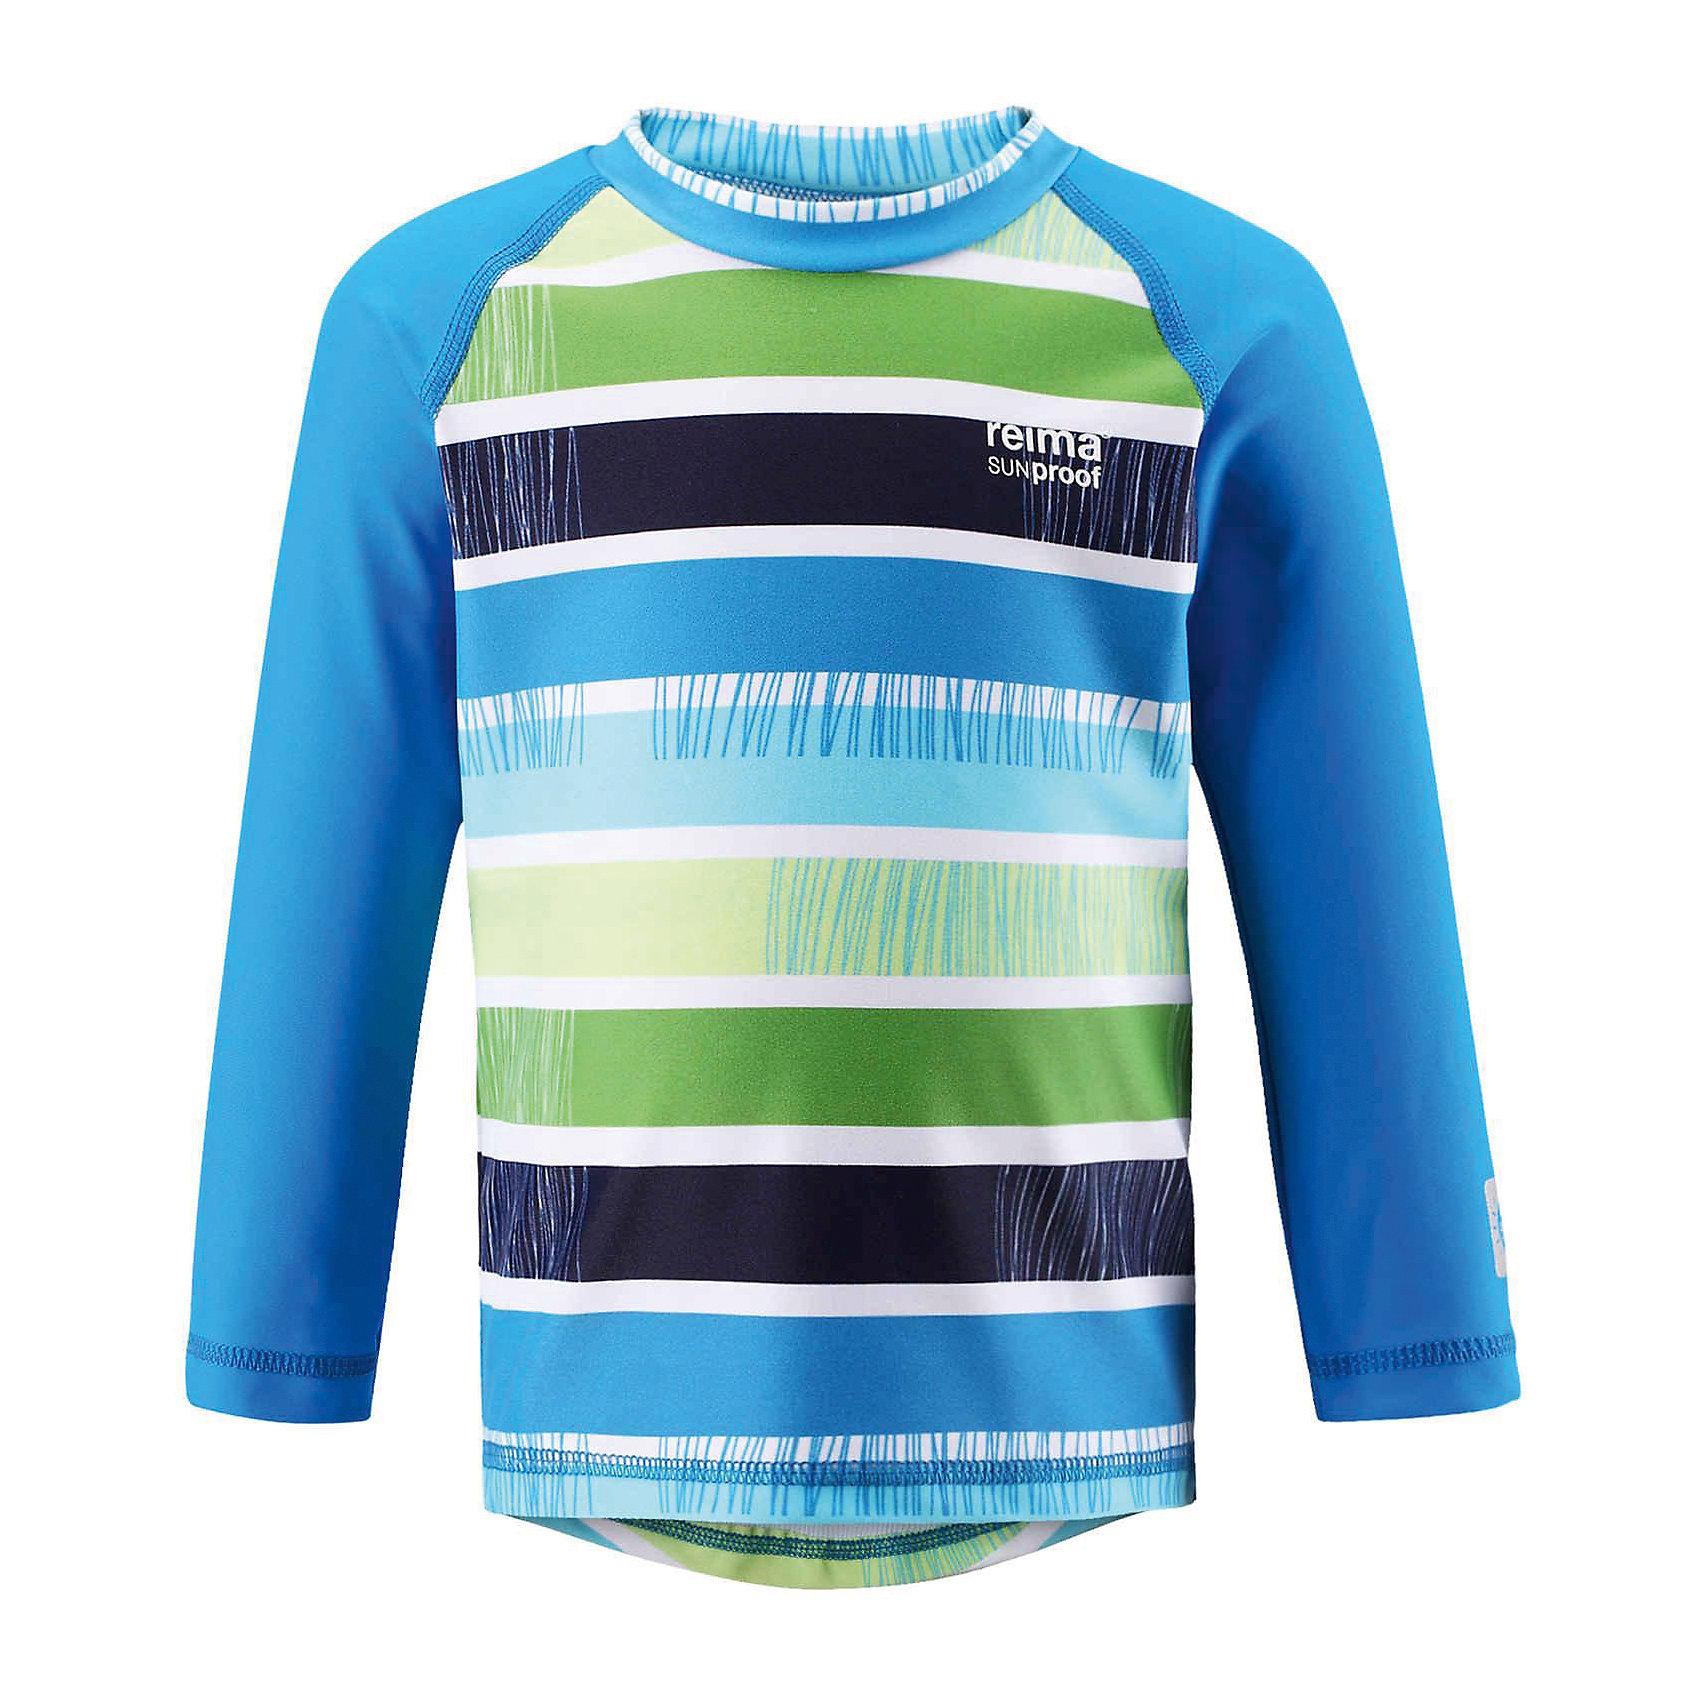 Футболка ReimaБегать по пляжу, купаться в море, играть на солнце -  все безопасно с УФ-фильтром 50+! Цветная рубашка для малышей с длинными рукавами сделана из эластичного материала SunProof, который защищает от вредных солнечных лучей и быстро сохнет. Благодаря этой рубашке игры в воде и на пляже могут длиться часами, а фигурный удлиненный подол обеспечит дополнительную защиту нижней части спины! <br><br>Дополнительная информация:<br><br>Солнцезащитная футболка для малышей<br>Плавательная футболка с длинными рукавами<br>Фактор защиты от ультрафиолета 50+<br>Удлиненный подол сзади для дополнительной защиты<br>Спортивные полоски<br>Состав:<br>80% ПА 20% ЭЛ<br>Уход:<br>Стирать с бельем одинакового цвета, вывернув наизнанку. Полоскать без специального средства. Сушить в защищенном от солнца месте.<br><br>Ширина мм: 199<br>Глубина мм: 10<br>Высота мм: 161<br>Вес г: 151<br>Цвет: голубой<br>Возраст от месяцев: 12<br>Возраст до месяцев: 18<br>Пол: Унисекс<br>Возраст: Детский<br>Размер: 86,74,80,92<br>SKU: 4498636